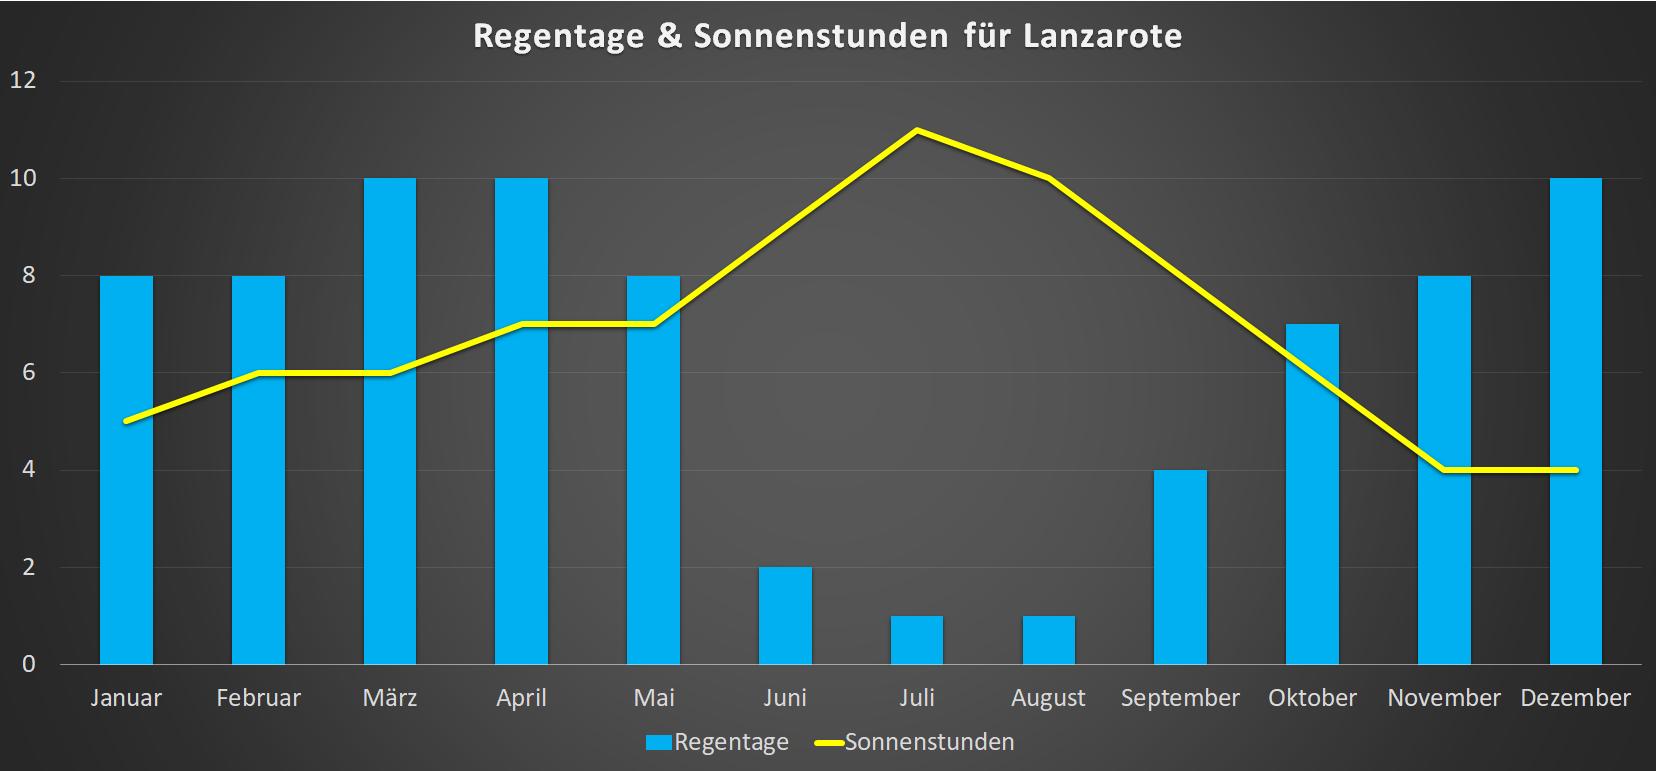 Regentage & Sonnenstunden für Lanzarote im Jahresverlauf